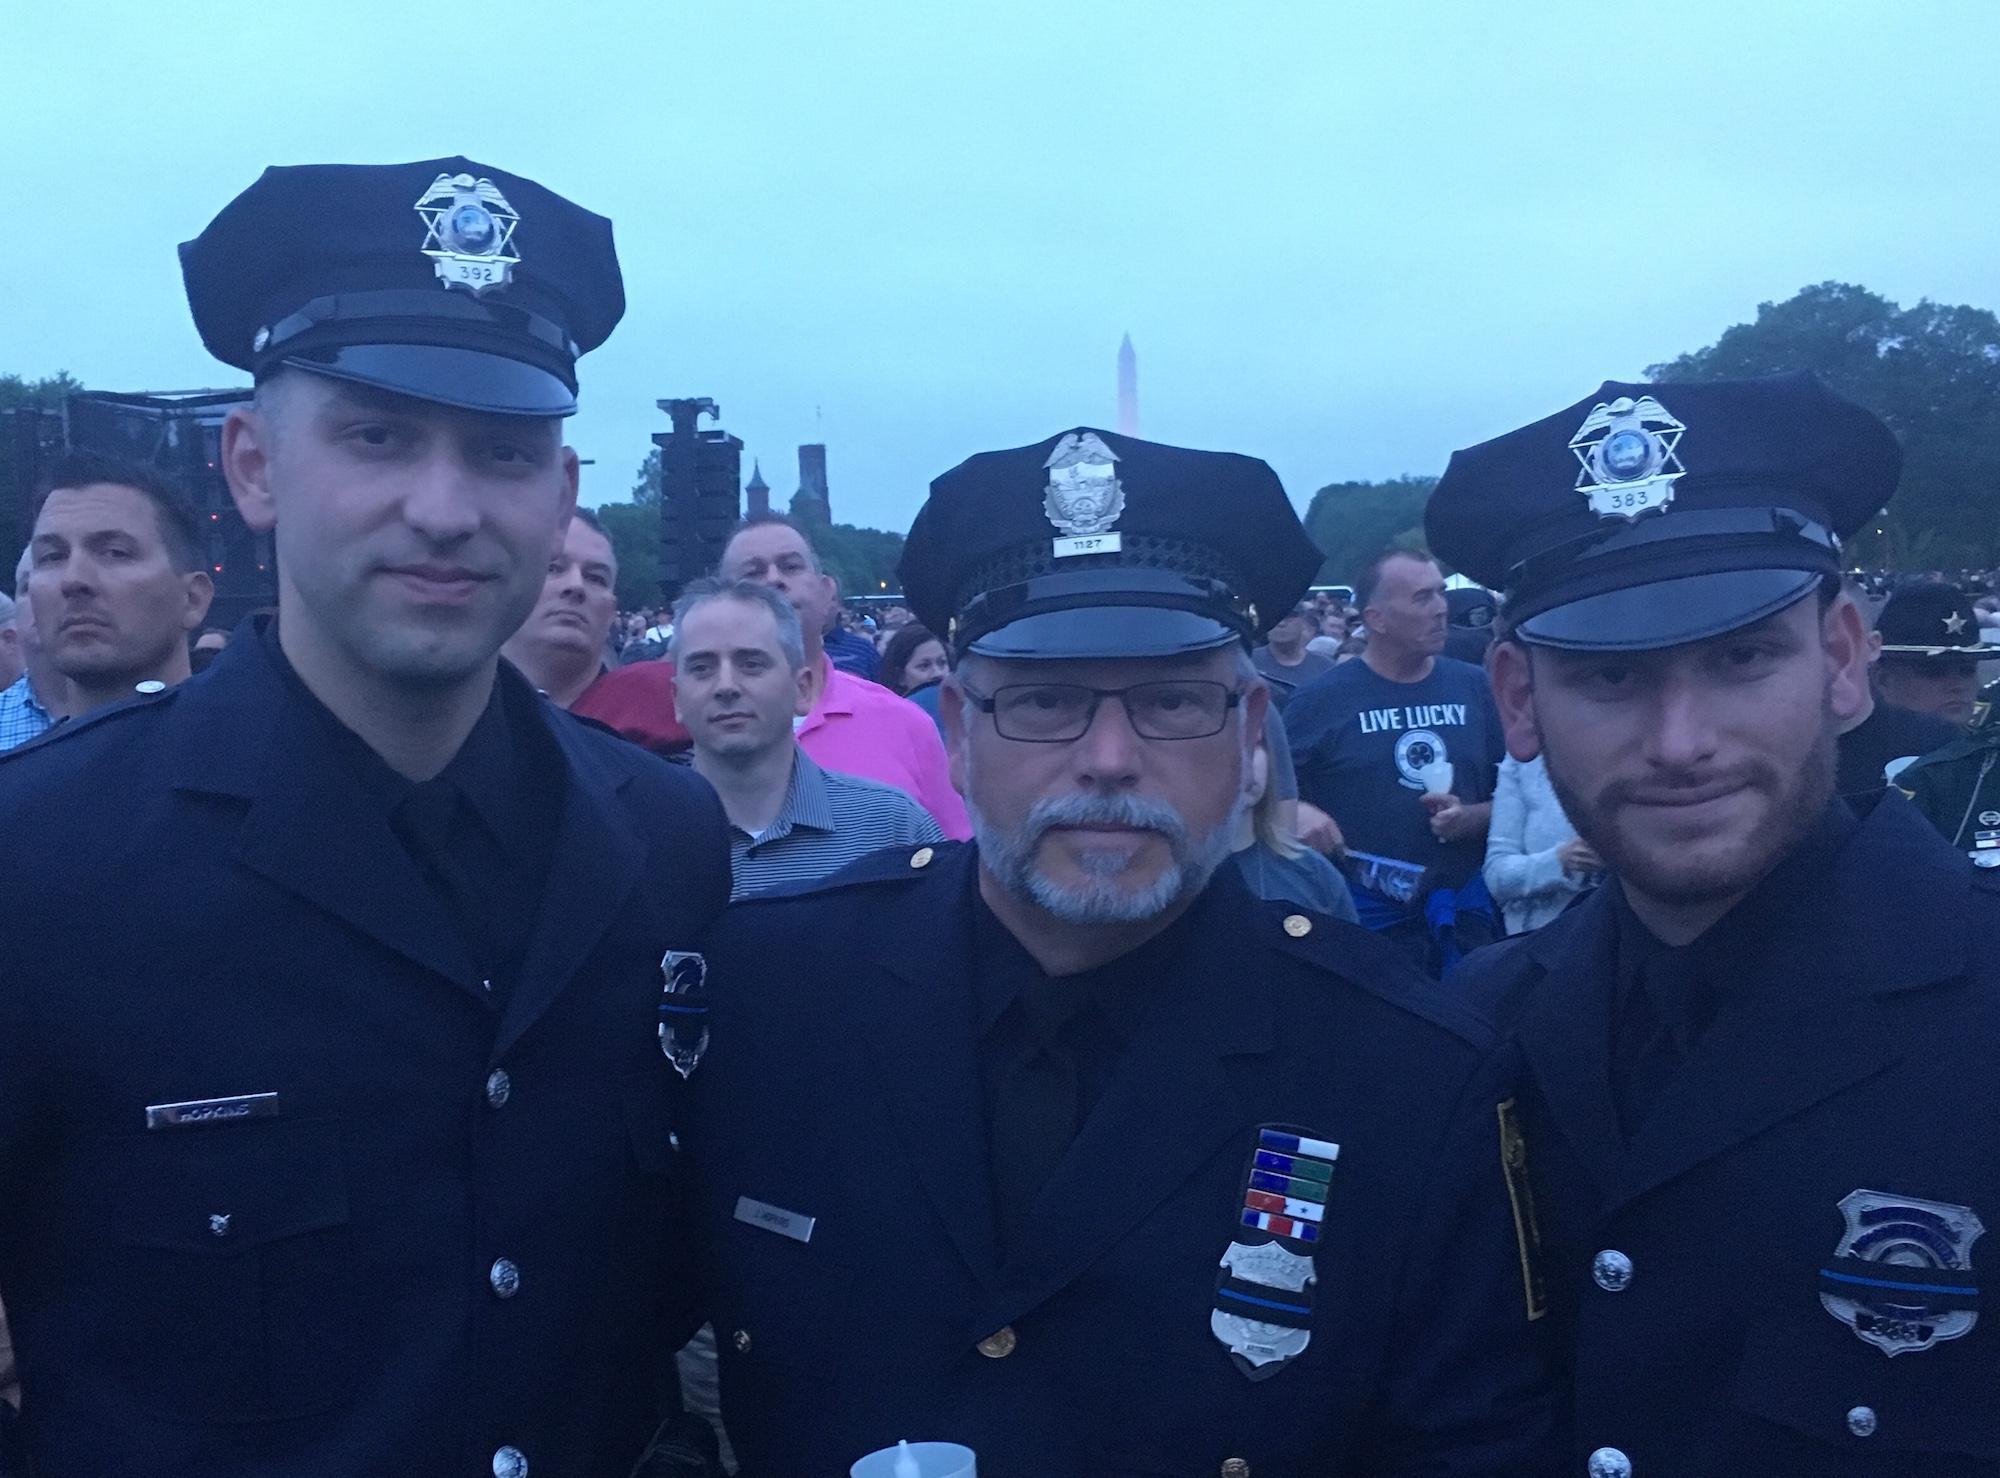 Deputies at an event